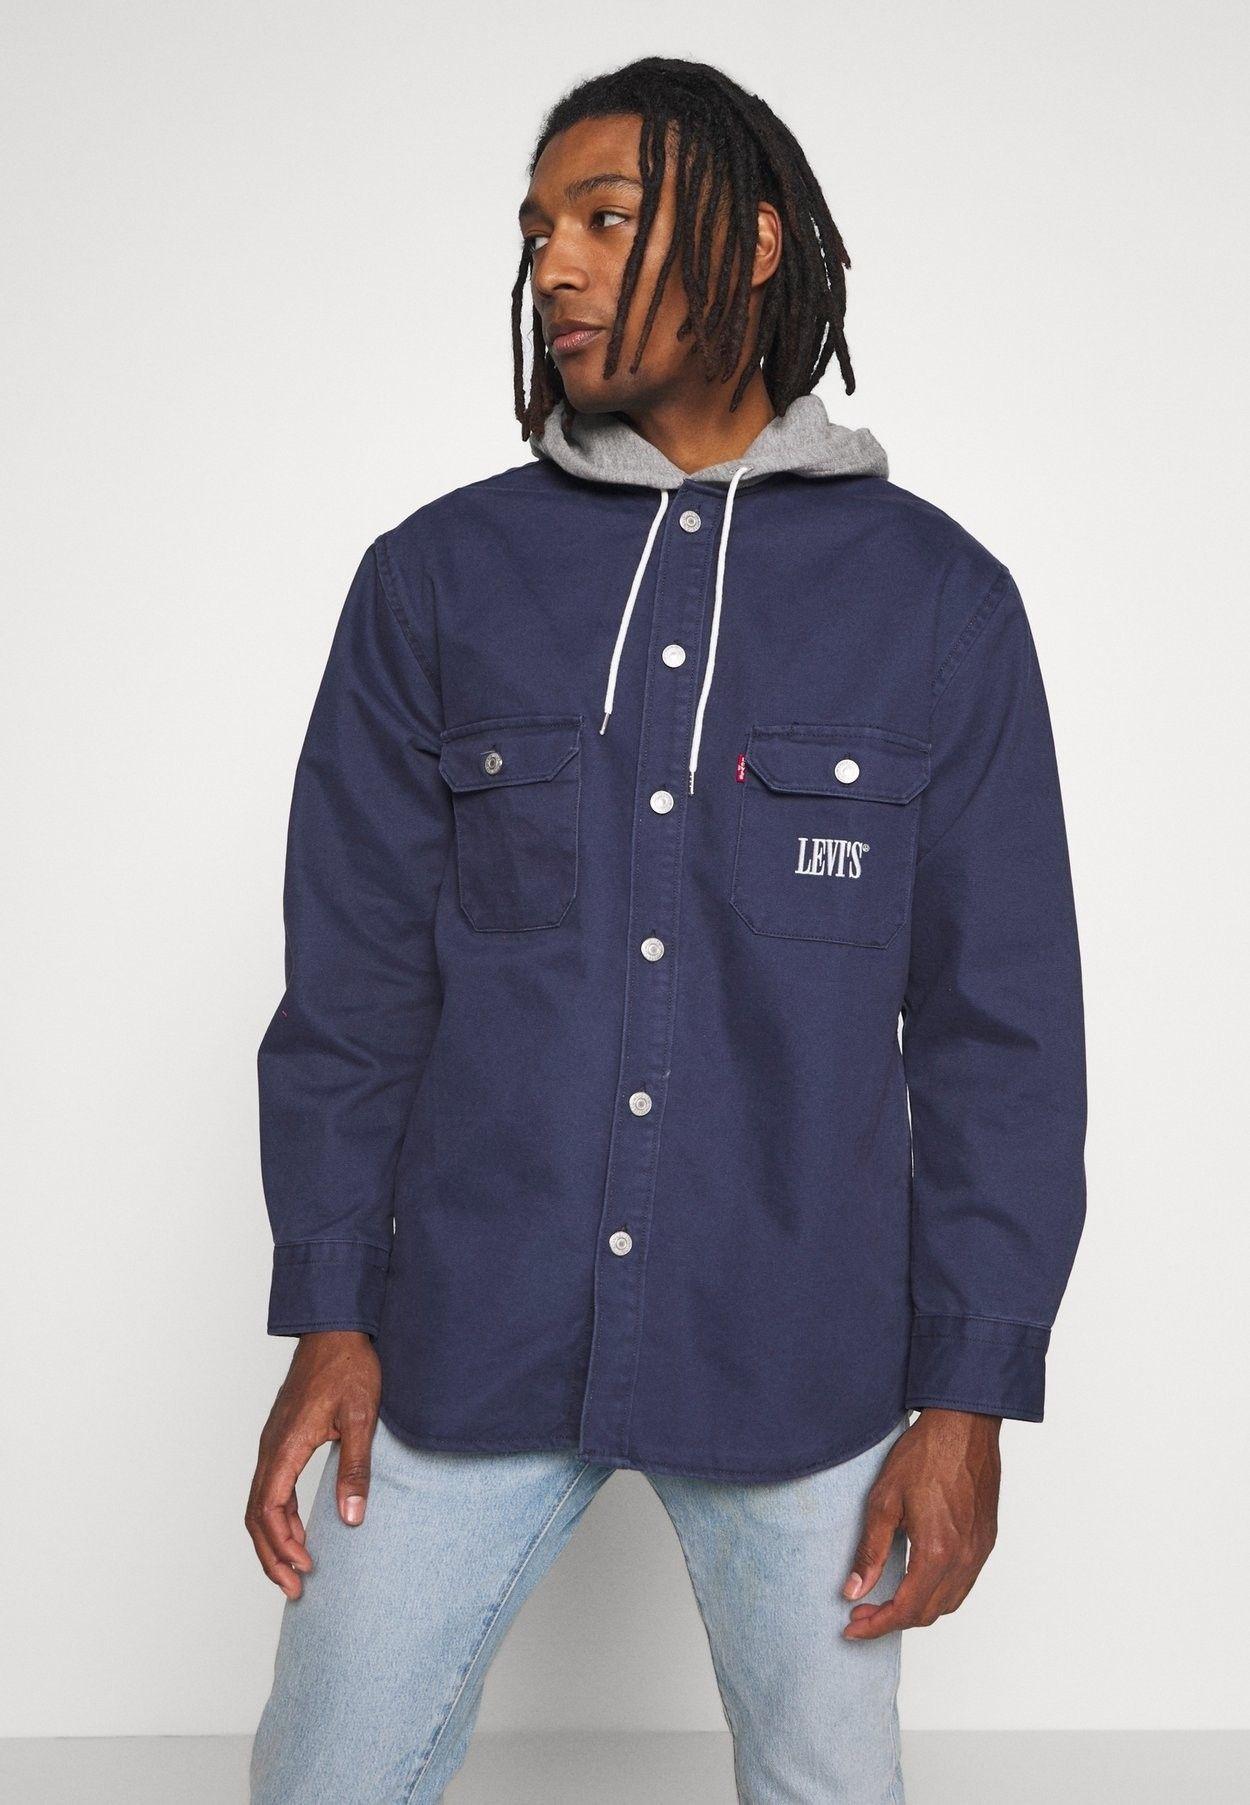 Veste Levi's Hooded Jackson - Tailles au choix